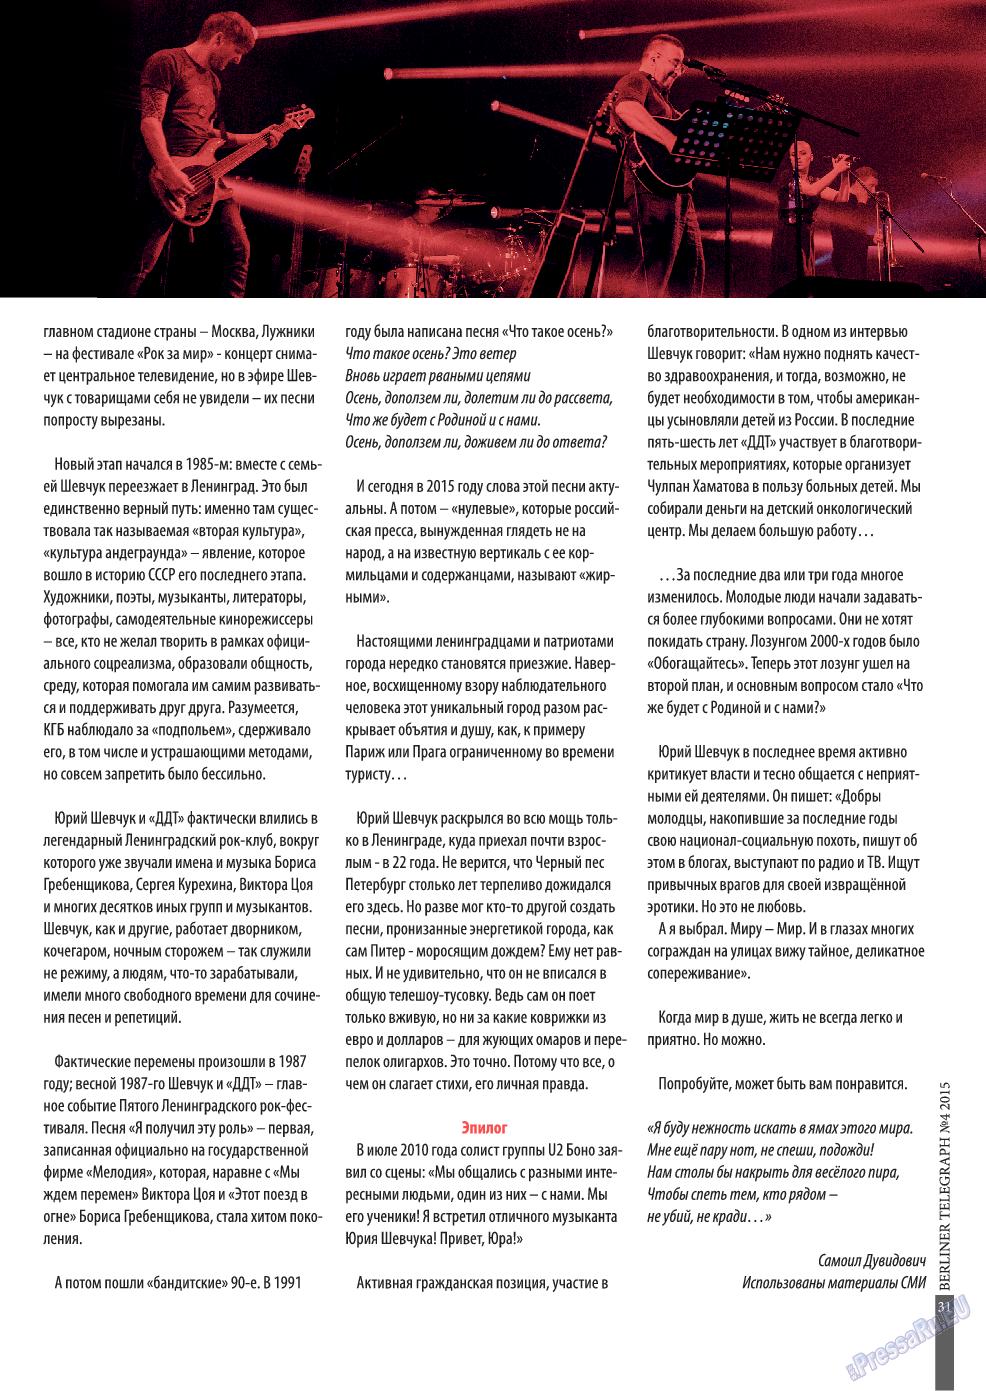 Берлинский телеграф (журнал). 2015 год, номер 4, стр. 31